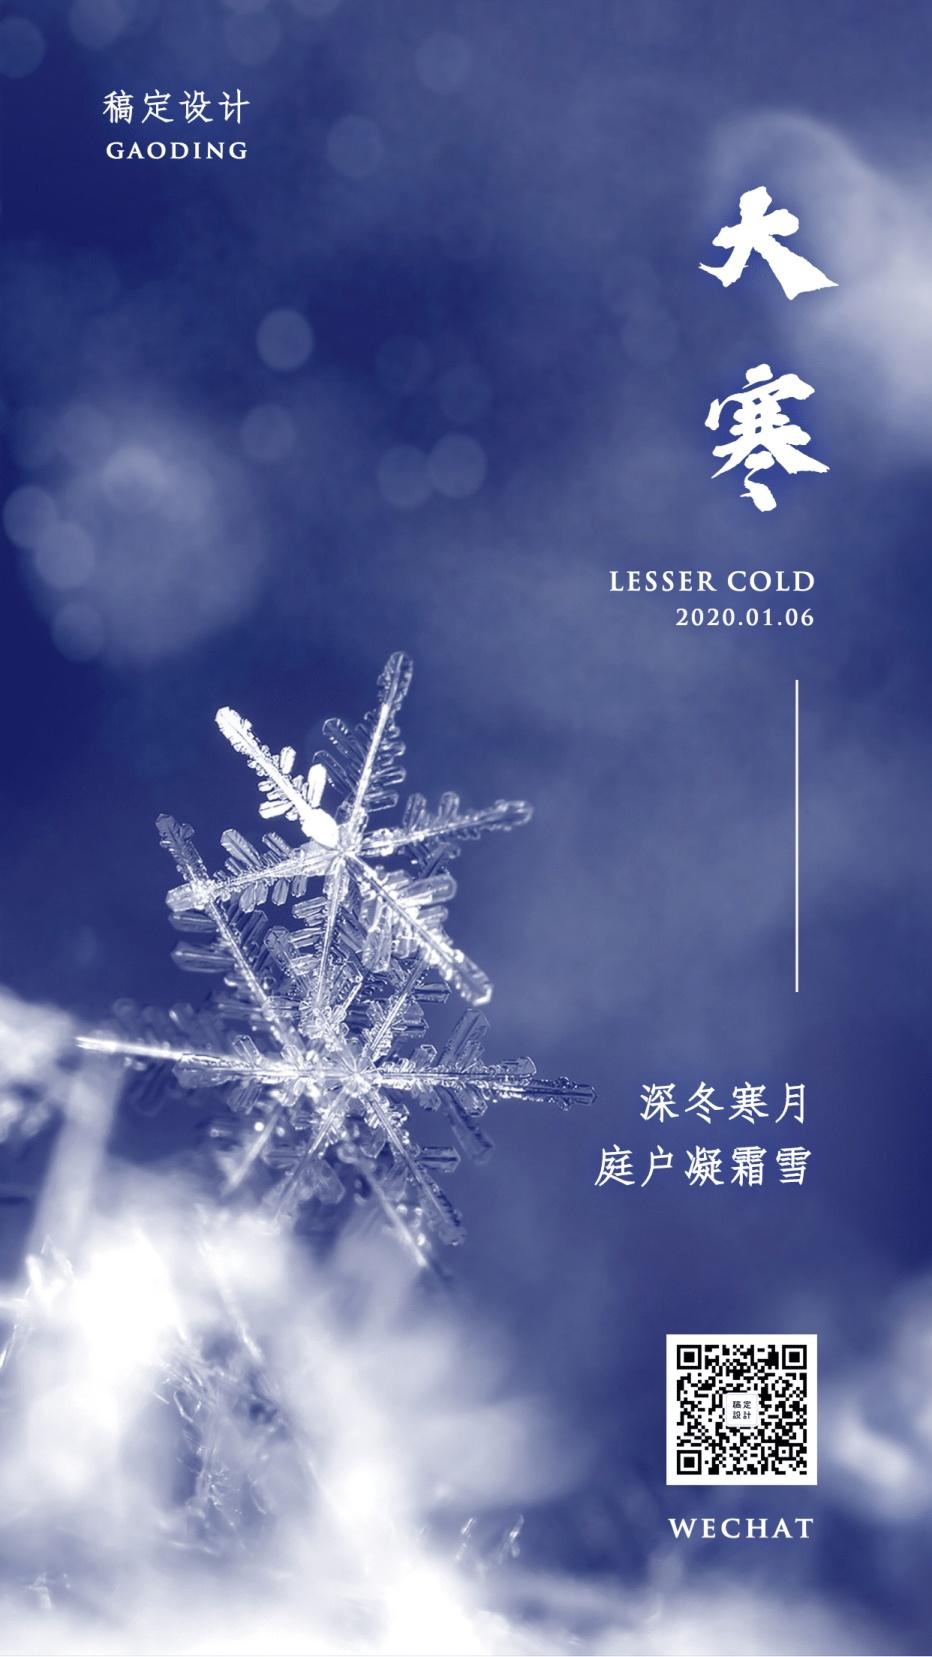 二十四节气大寒实景冰晶雪花冬天手机海报